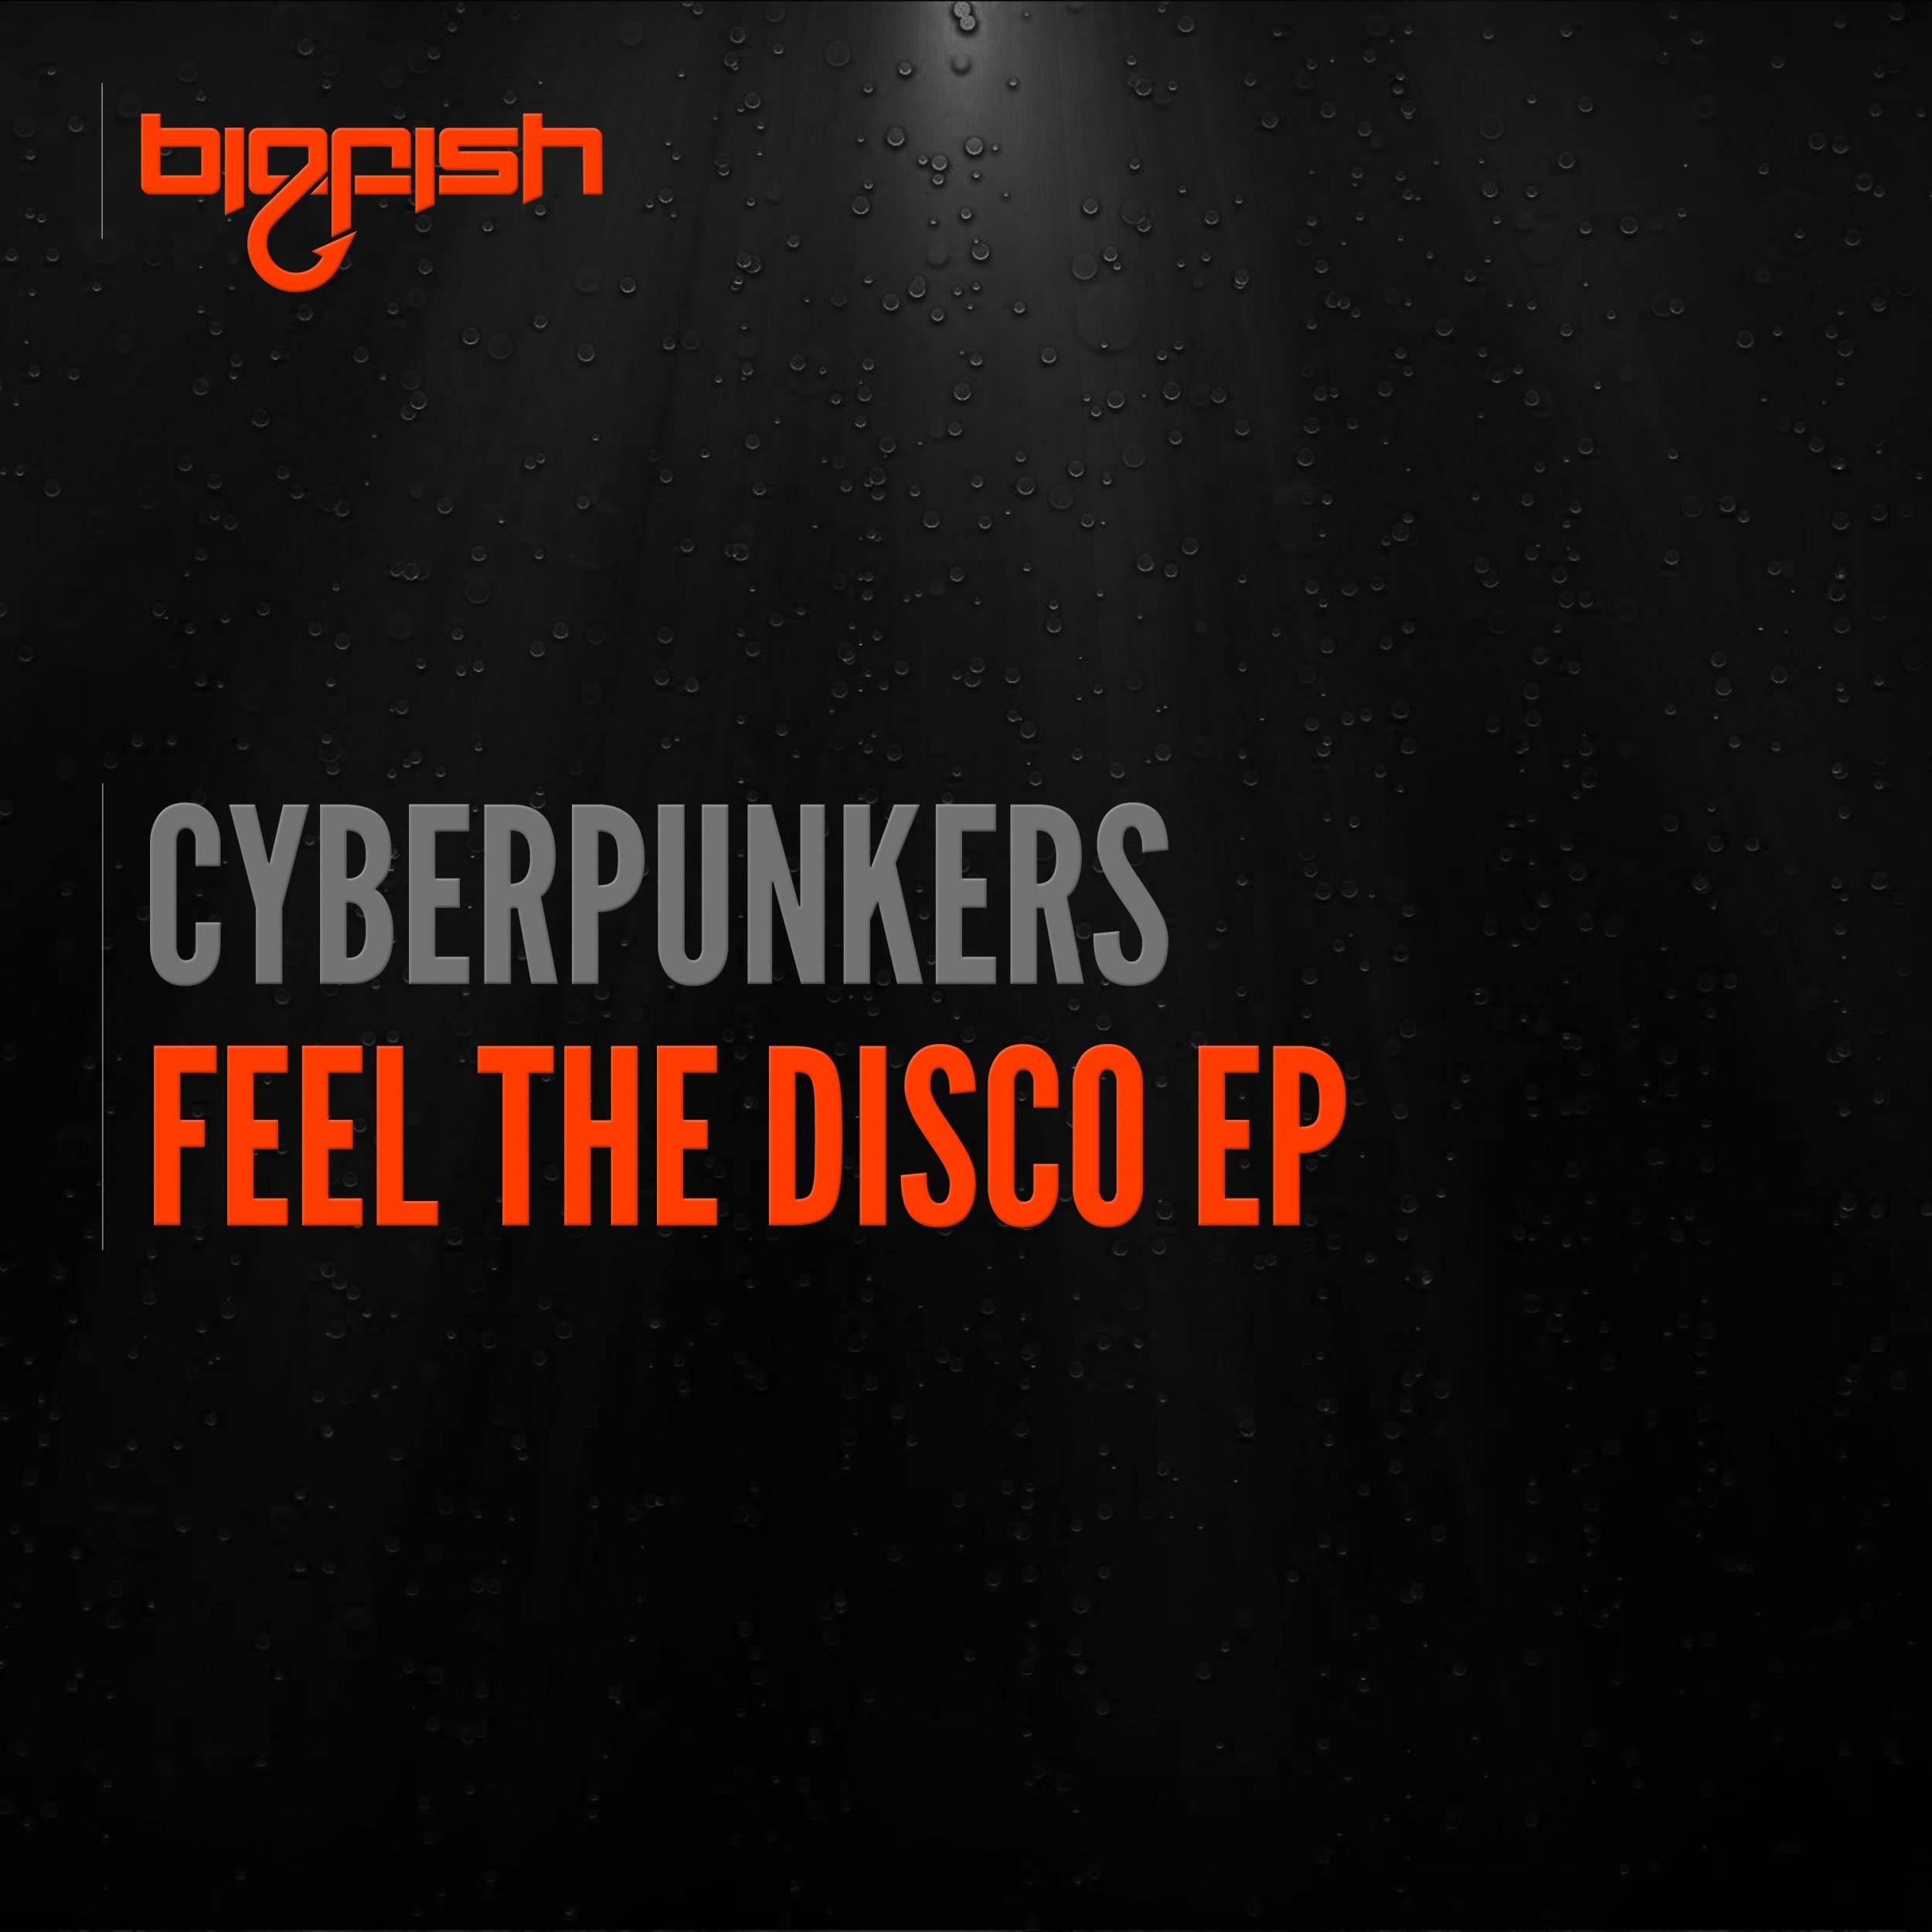 cyberpunkers feel the disco ep